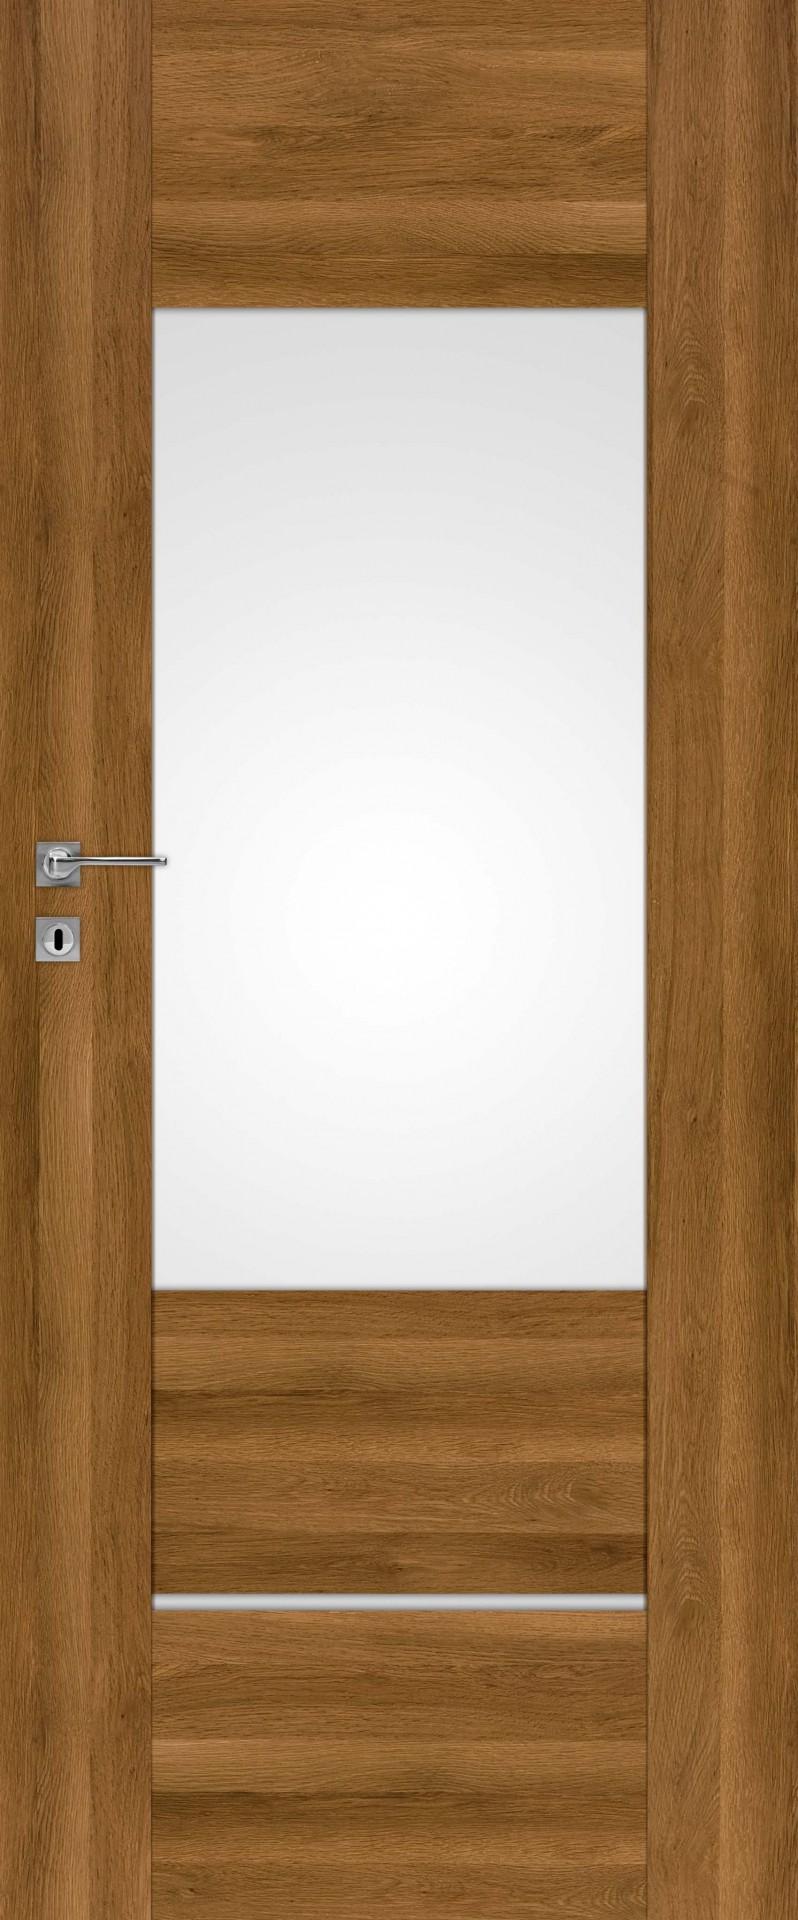 Dre dveře AURI 3, Šíře v cm 80